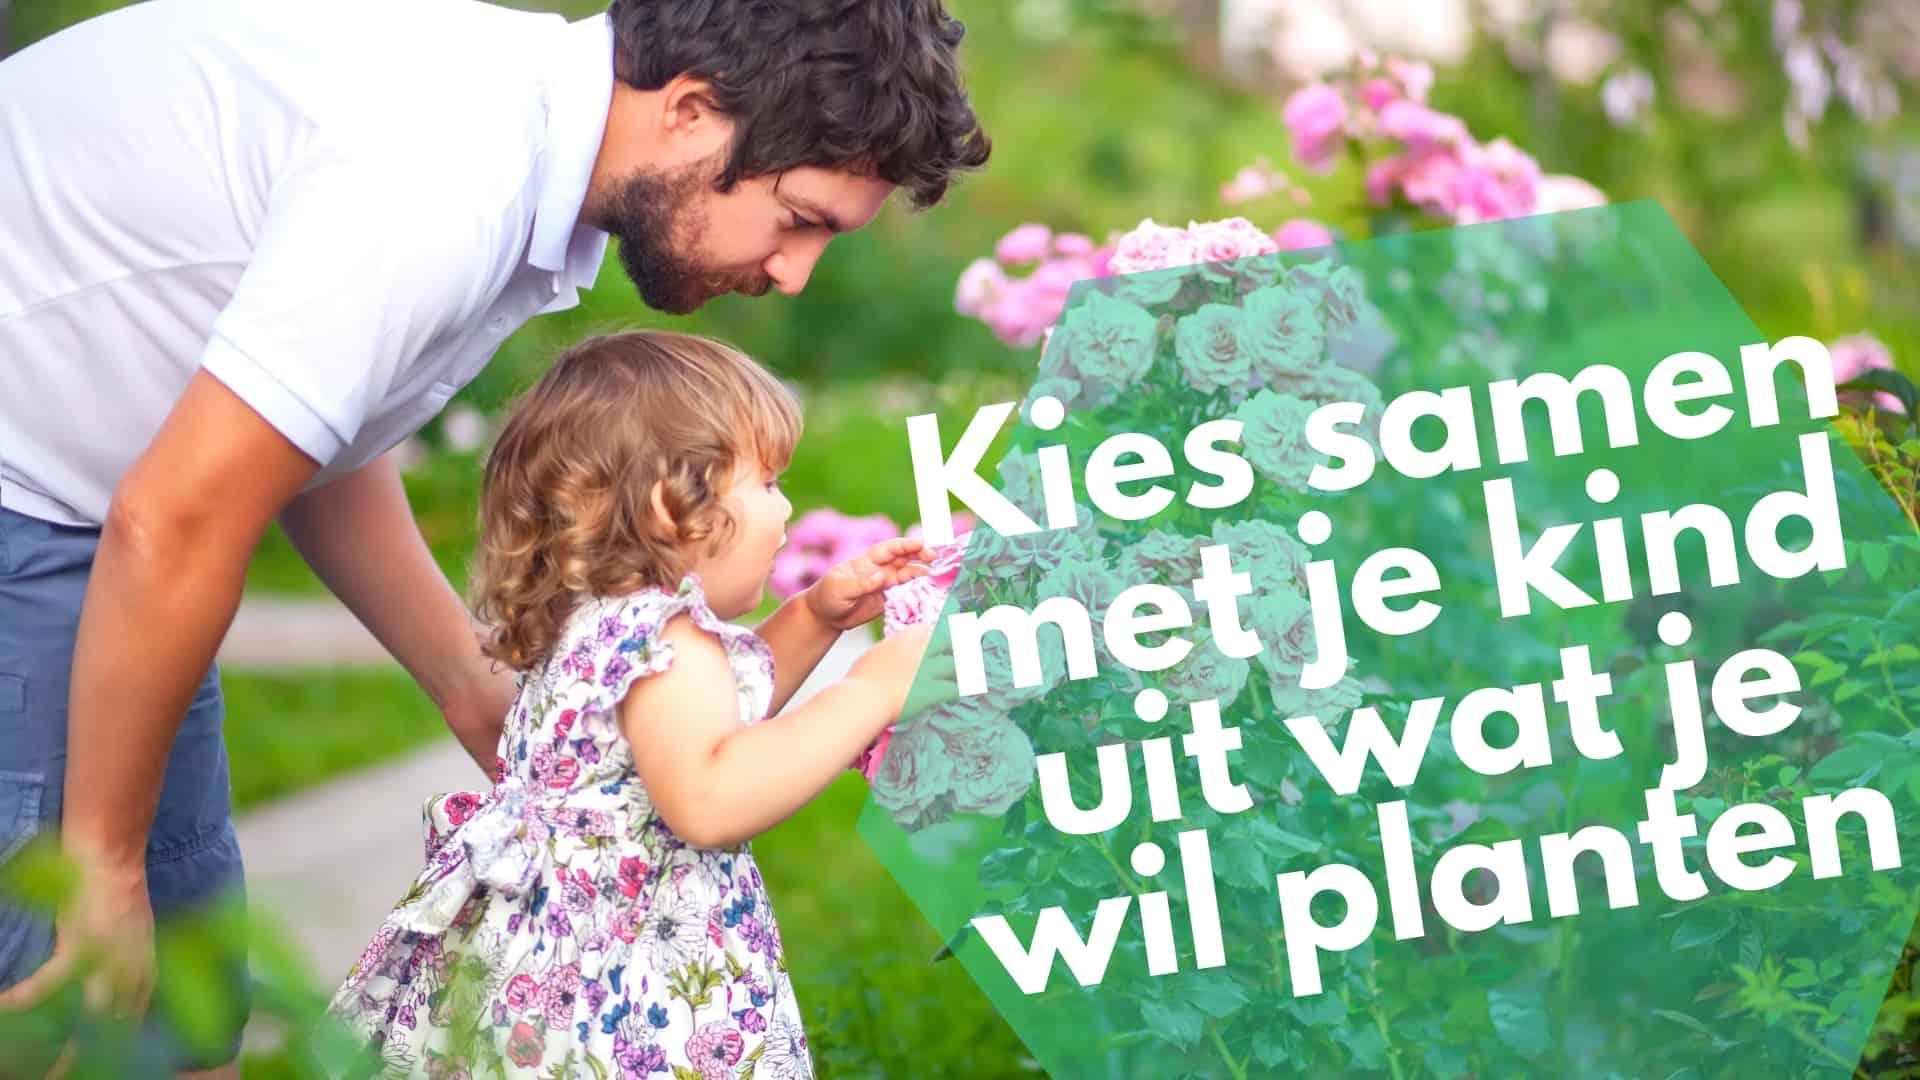 Kies samen met je kind uit wat je wil planten